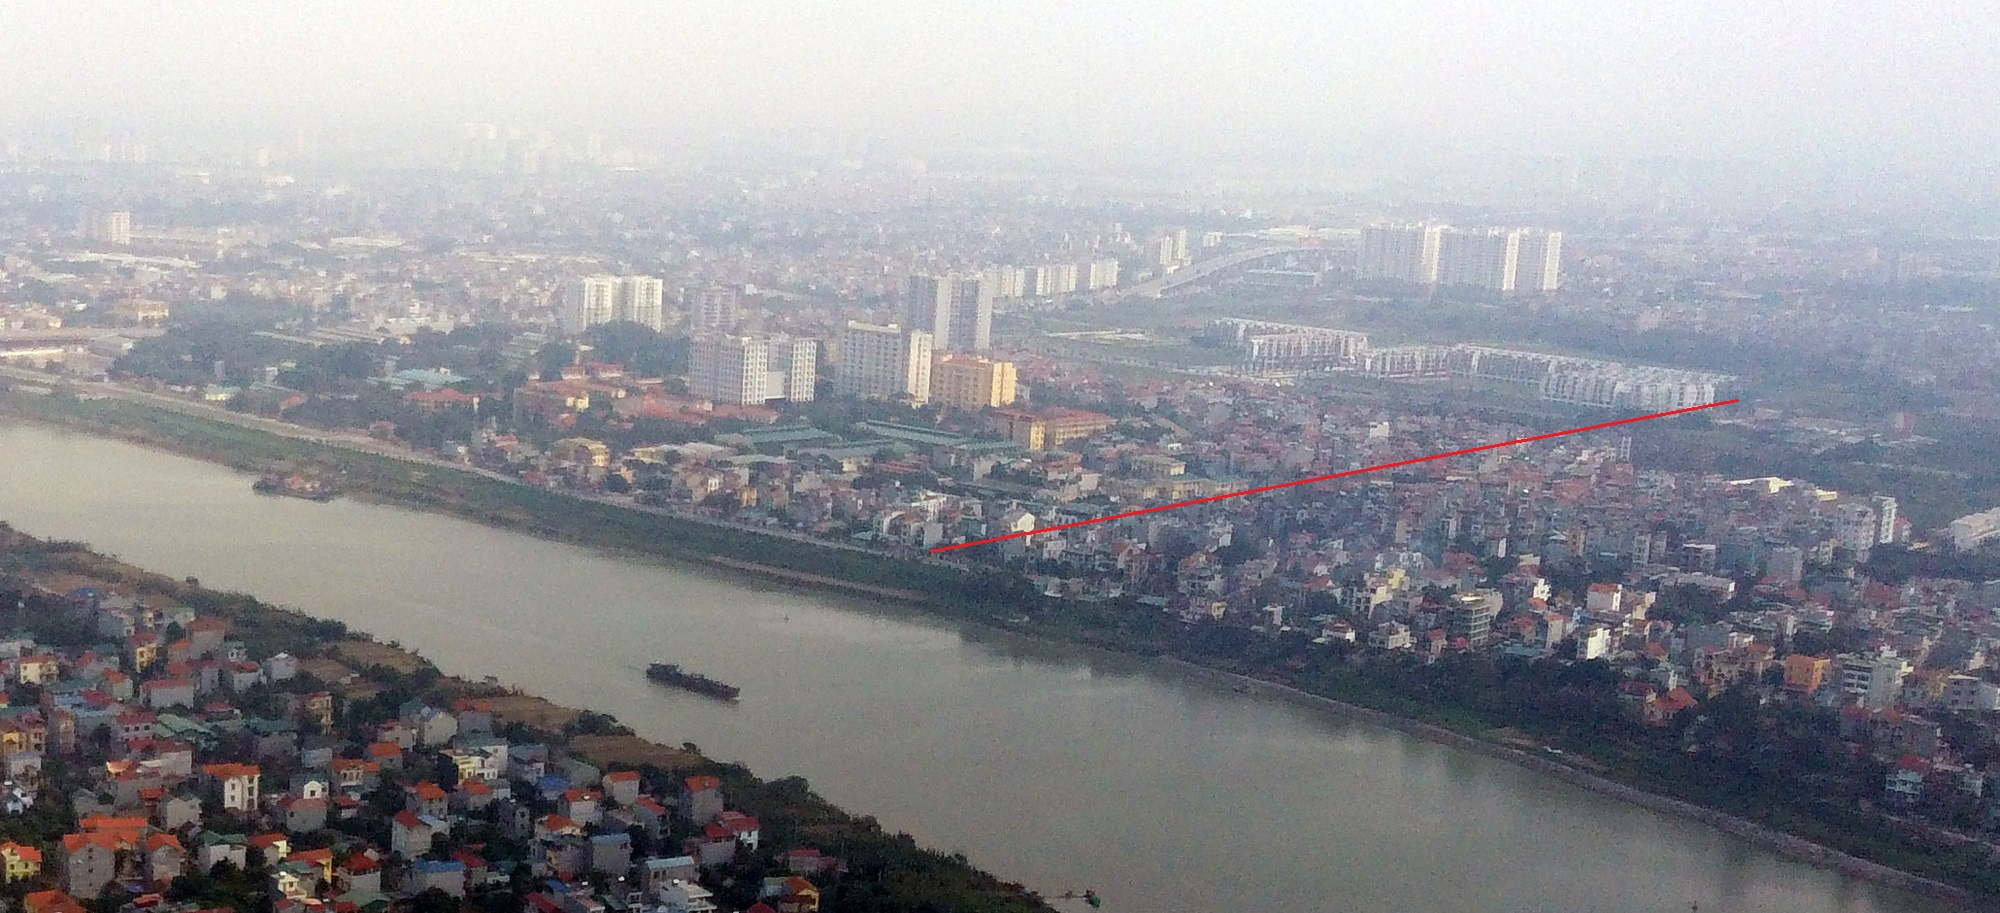 4 đường sẽ mở theo qui hoạch ở phường Ngọc Thụy, Long Biên, Hà Nội - Ảnh 16.